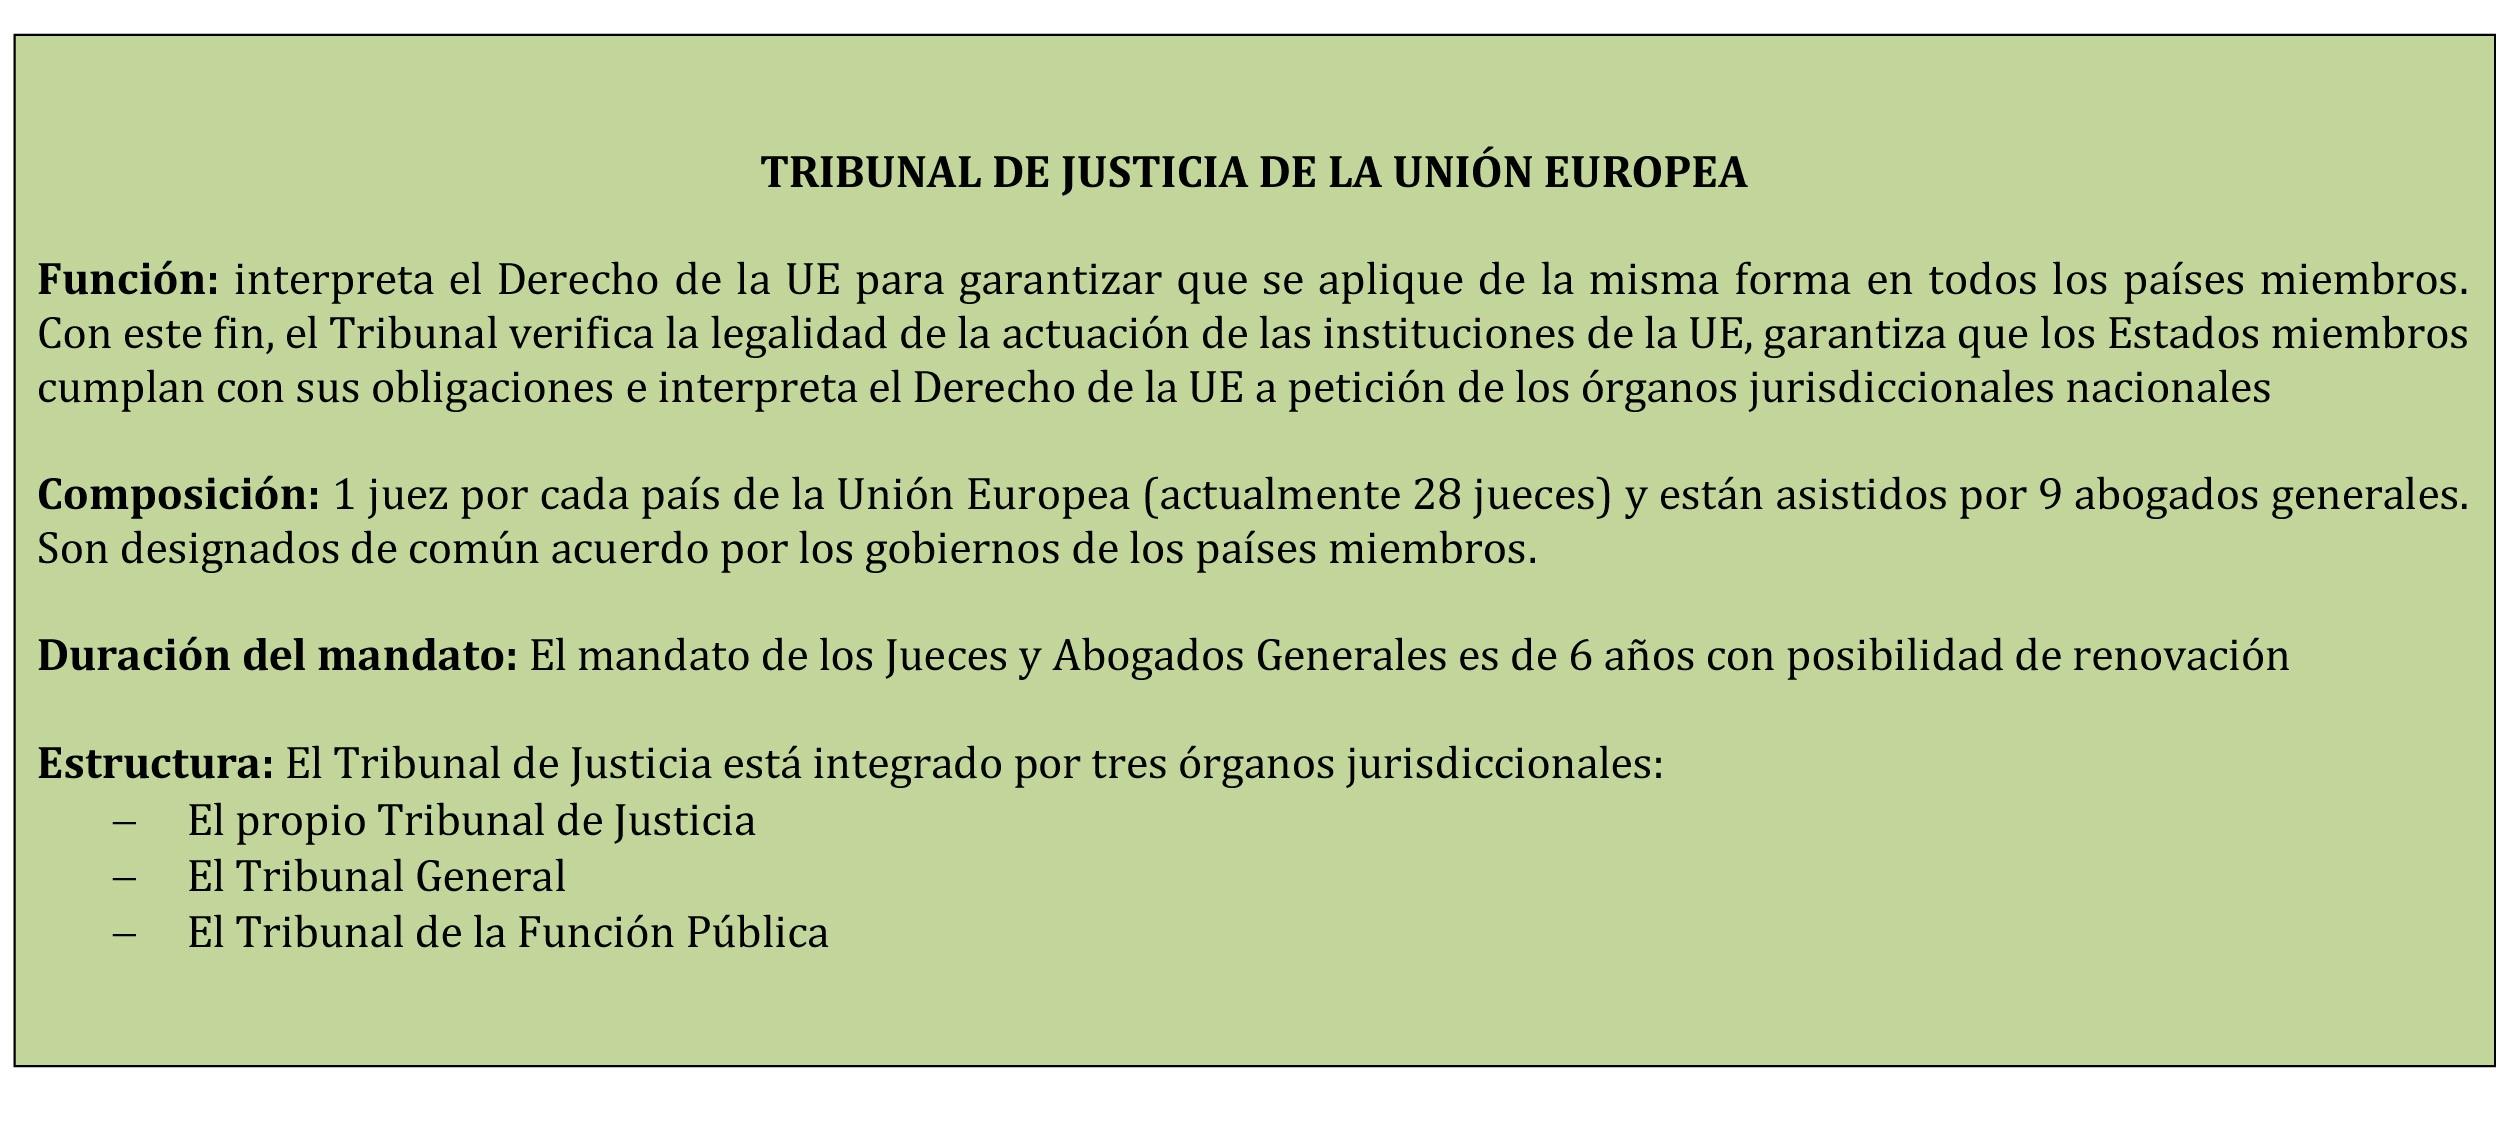 TRIBUNAL DE JUSTICIA DE LA UNIÓN EUROPEA buena-1